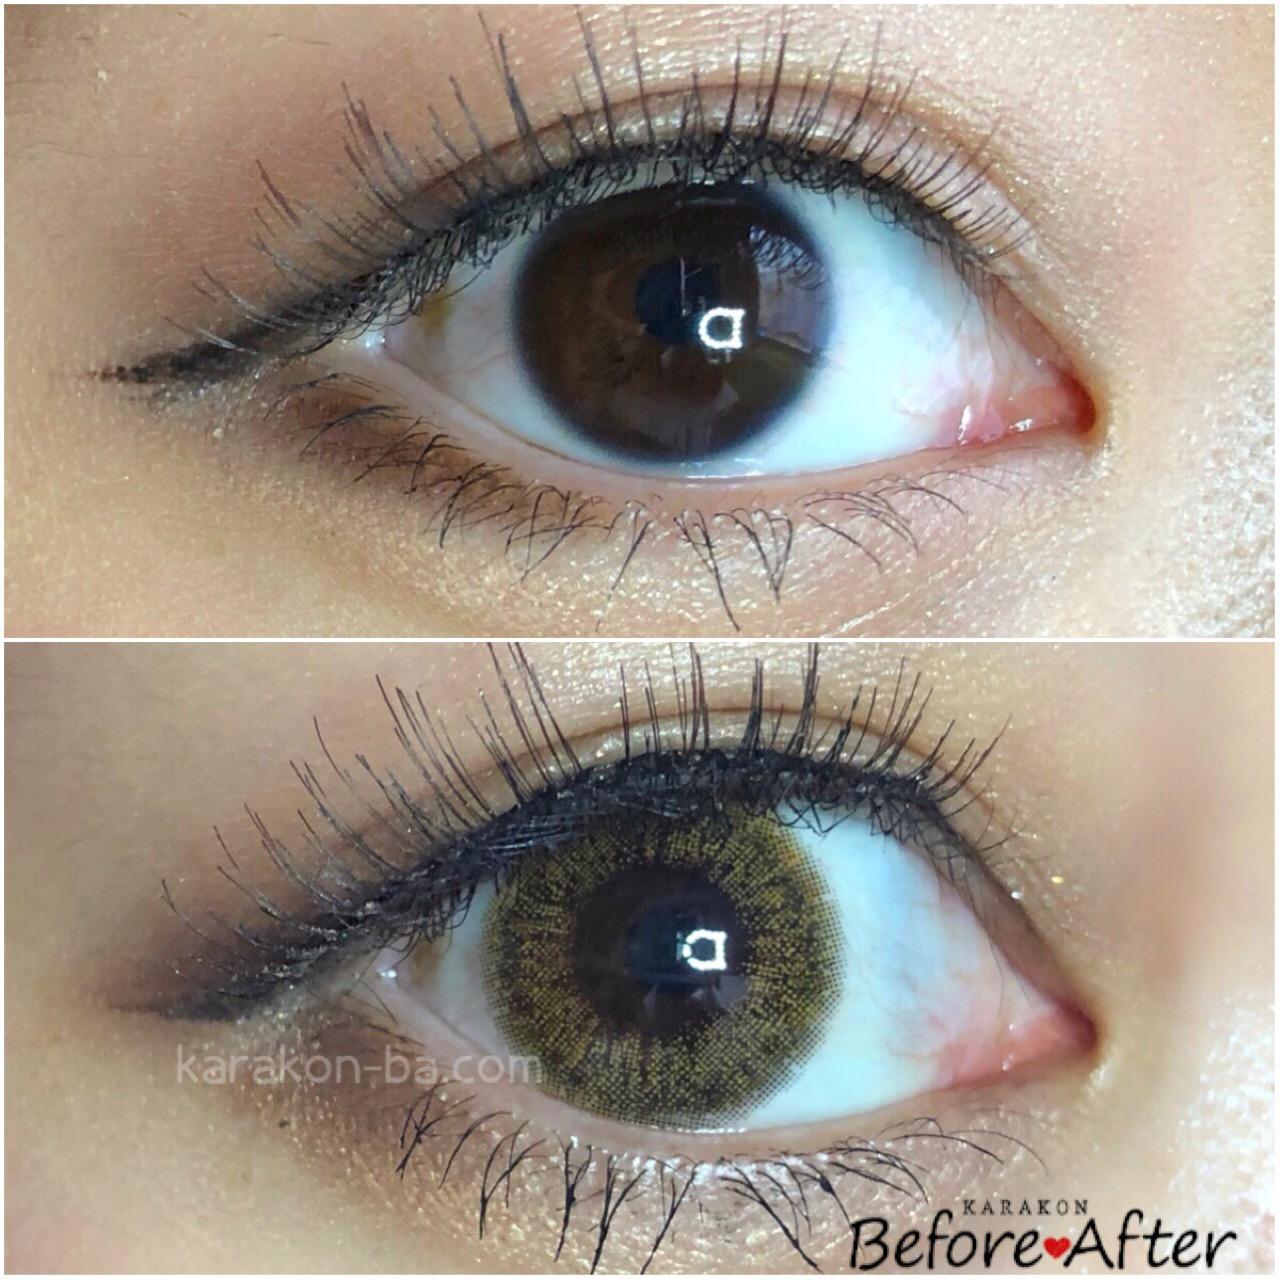 Ever Color 1day(エバーカラーワンデー)グロスアンバーのカラコン装着画像/裸眼と比較レポ